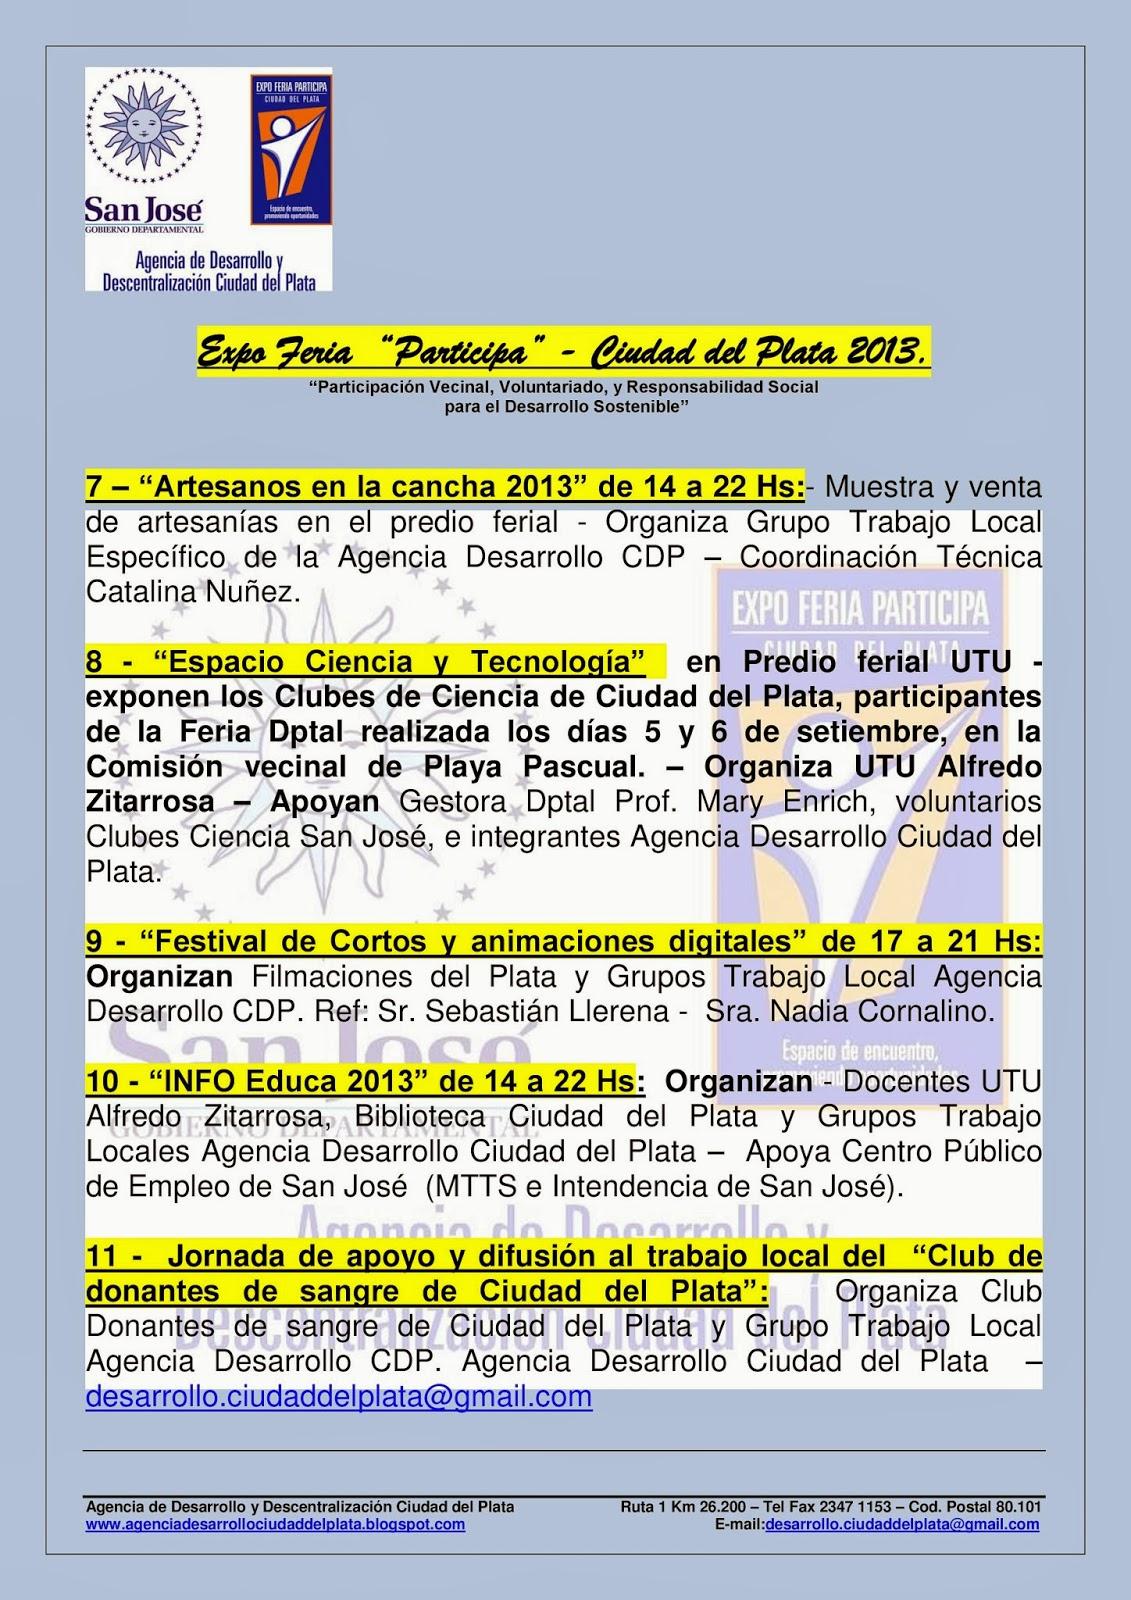 Agencia de Desarrollo y Descentralización Ciudad del Plata: Sábado 28 y domingo 29 de setiembre ...